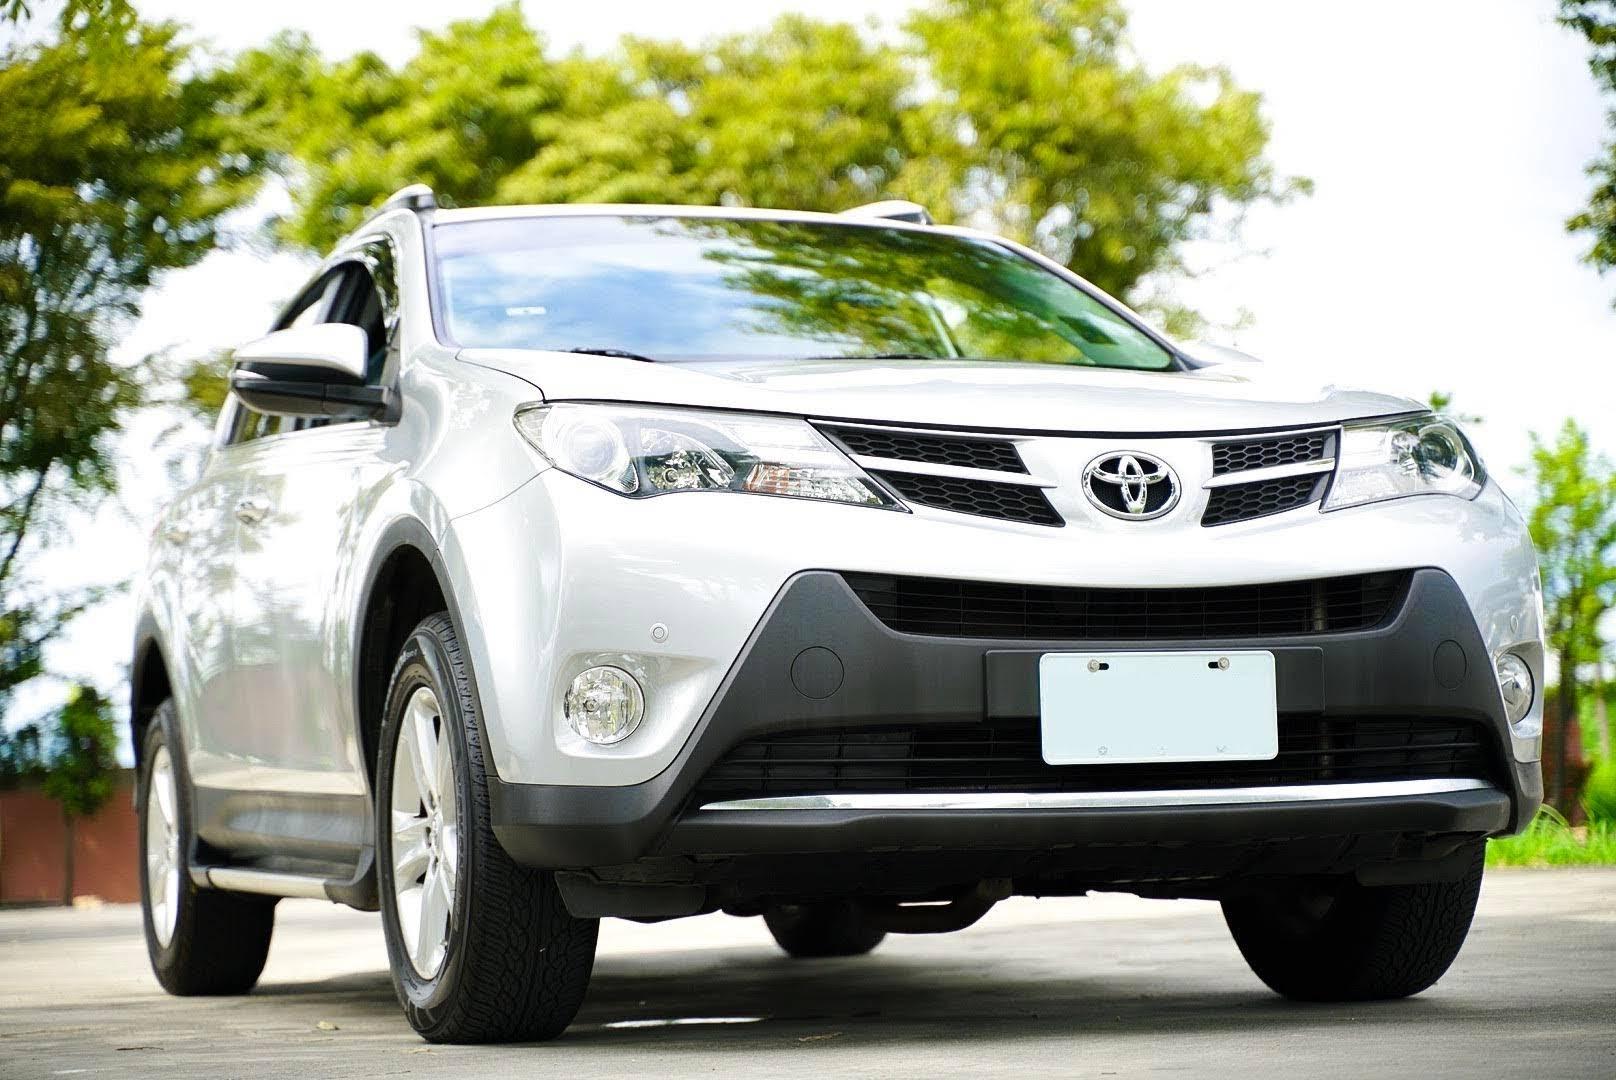 【賞車】嘉義上億國產車 認證A級車還有日本GOO雙鑑定制度,品質可靠讓人買的安心